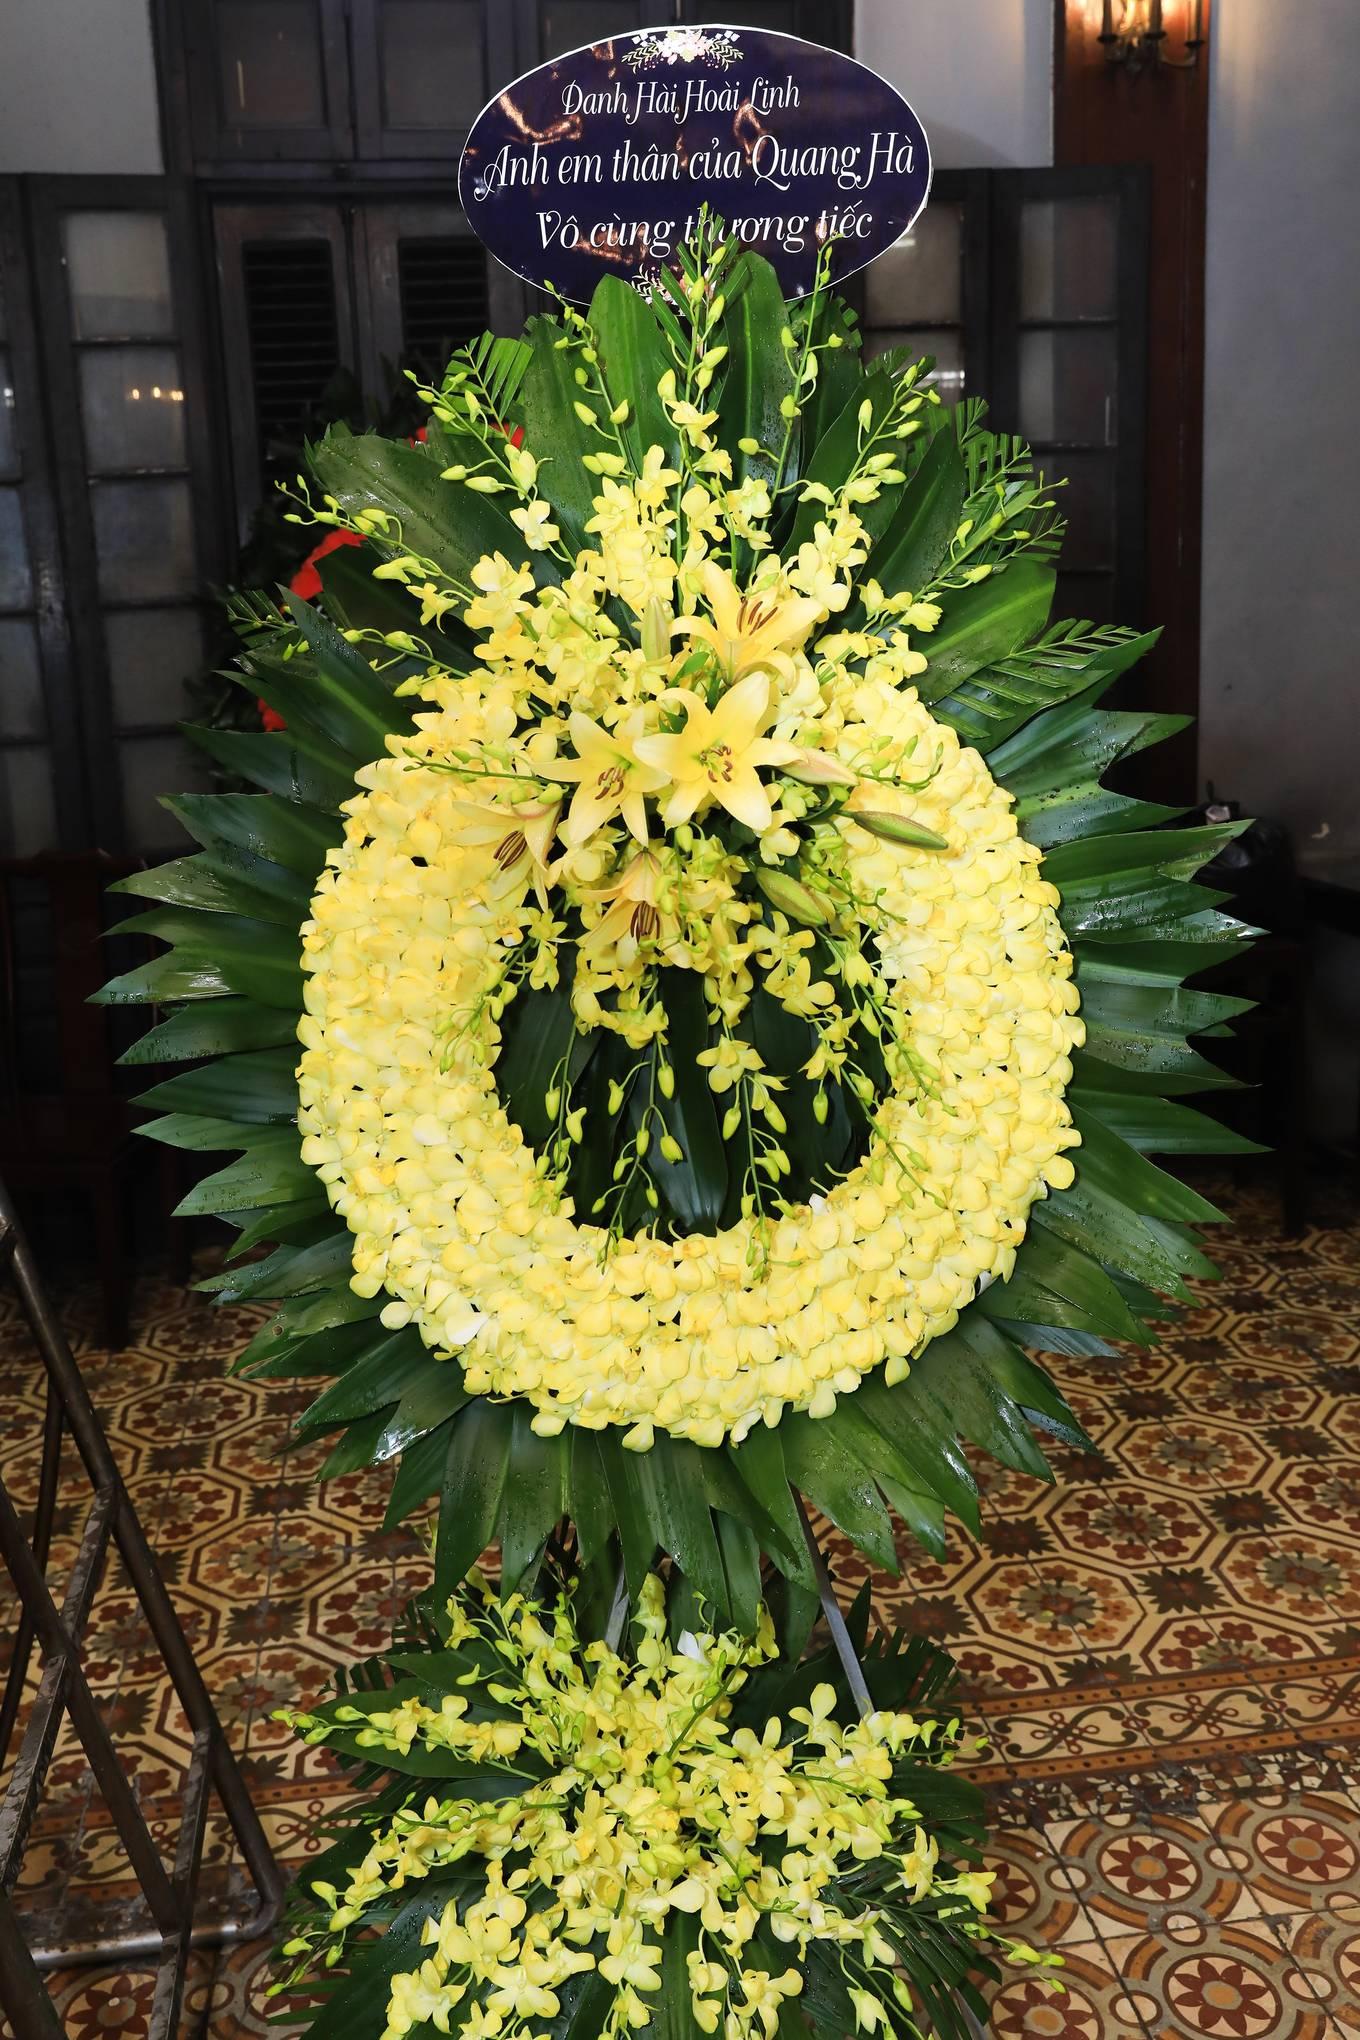 Vì đang ở xa không thể đến chia buồn cùng Quang Hà, Hoài Linh đã gửi tặng lẵng hoa thành kính phân ưu.